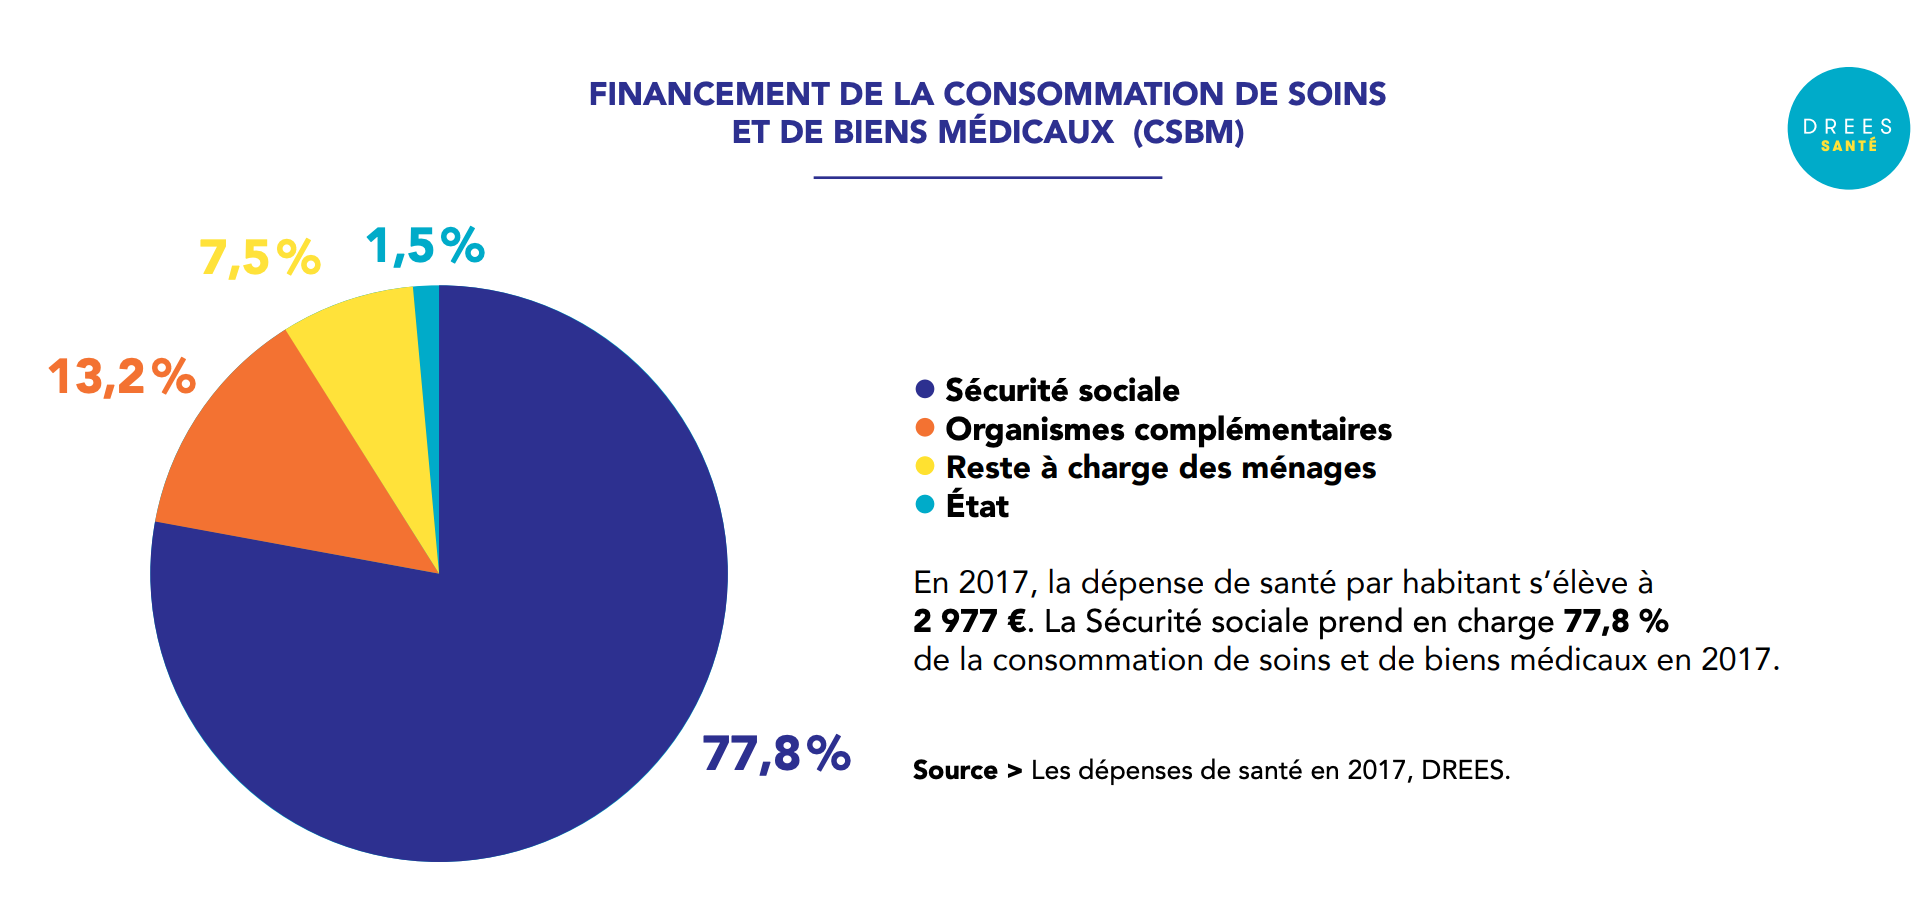 infographie sur le financement de la consommation de soins et de biens médiaux